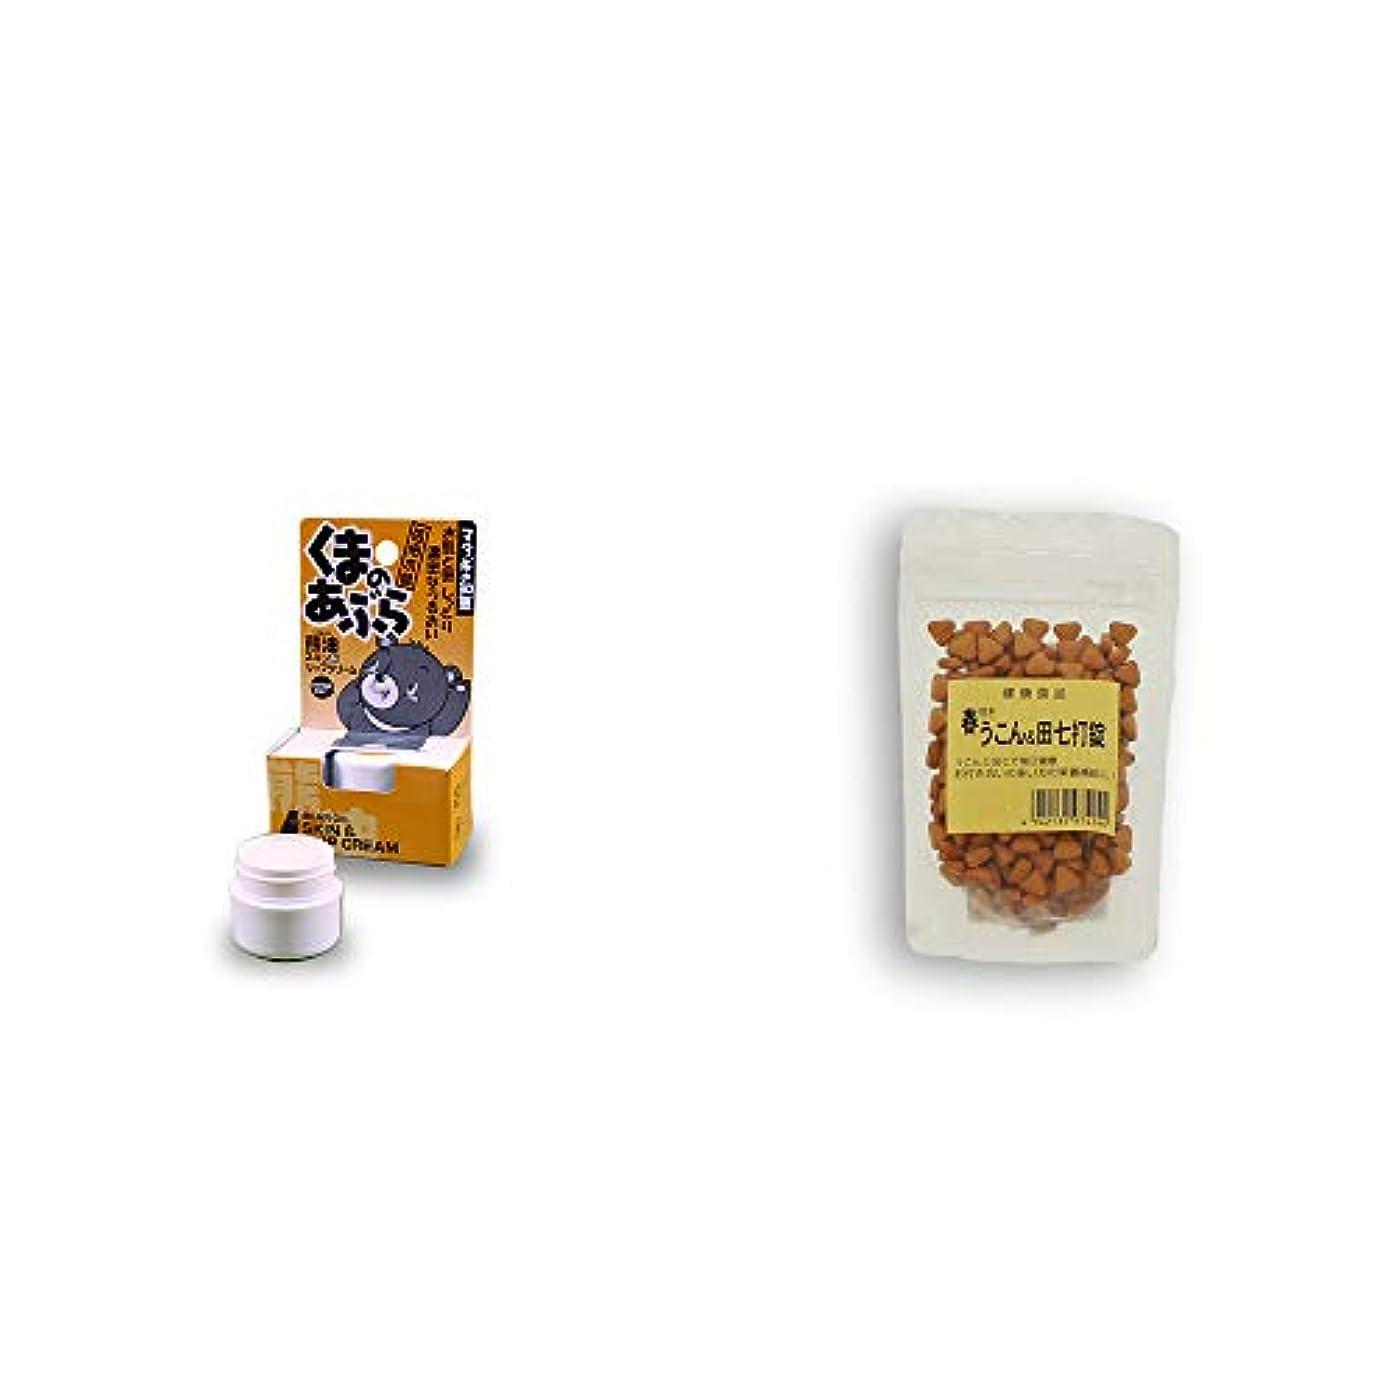 グラス乱用始まり[2点セット] 信州木曽 くまのあぶら 熊油スキン&リップクリーム(9g)?春咲き うこん&田七打錠(70g(250mg×280粒))